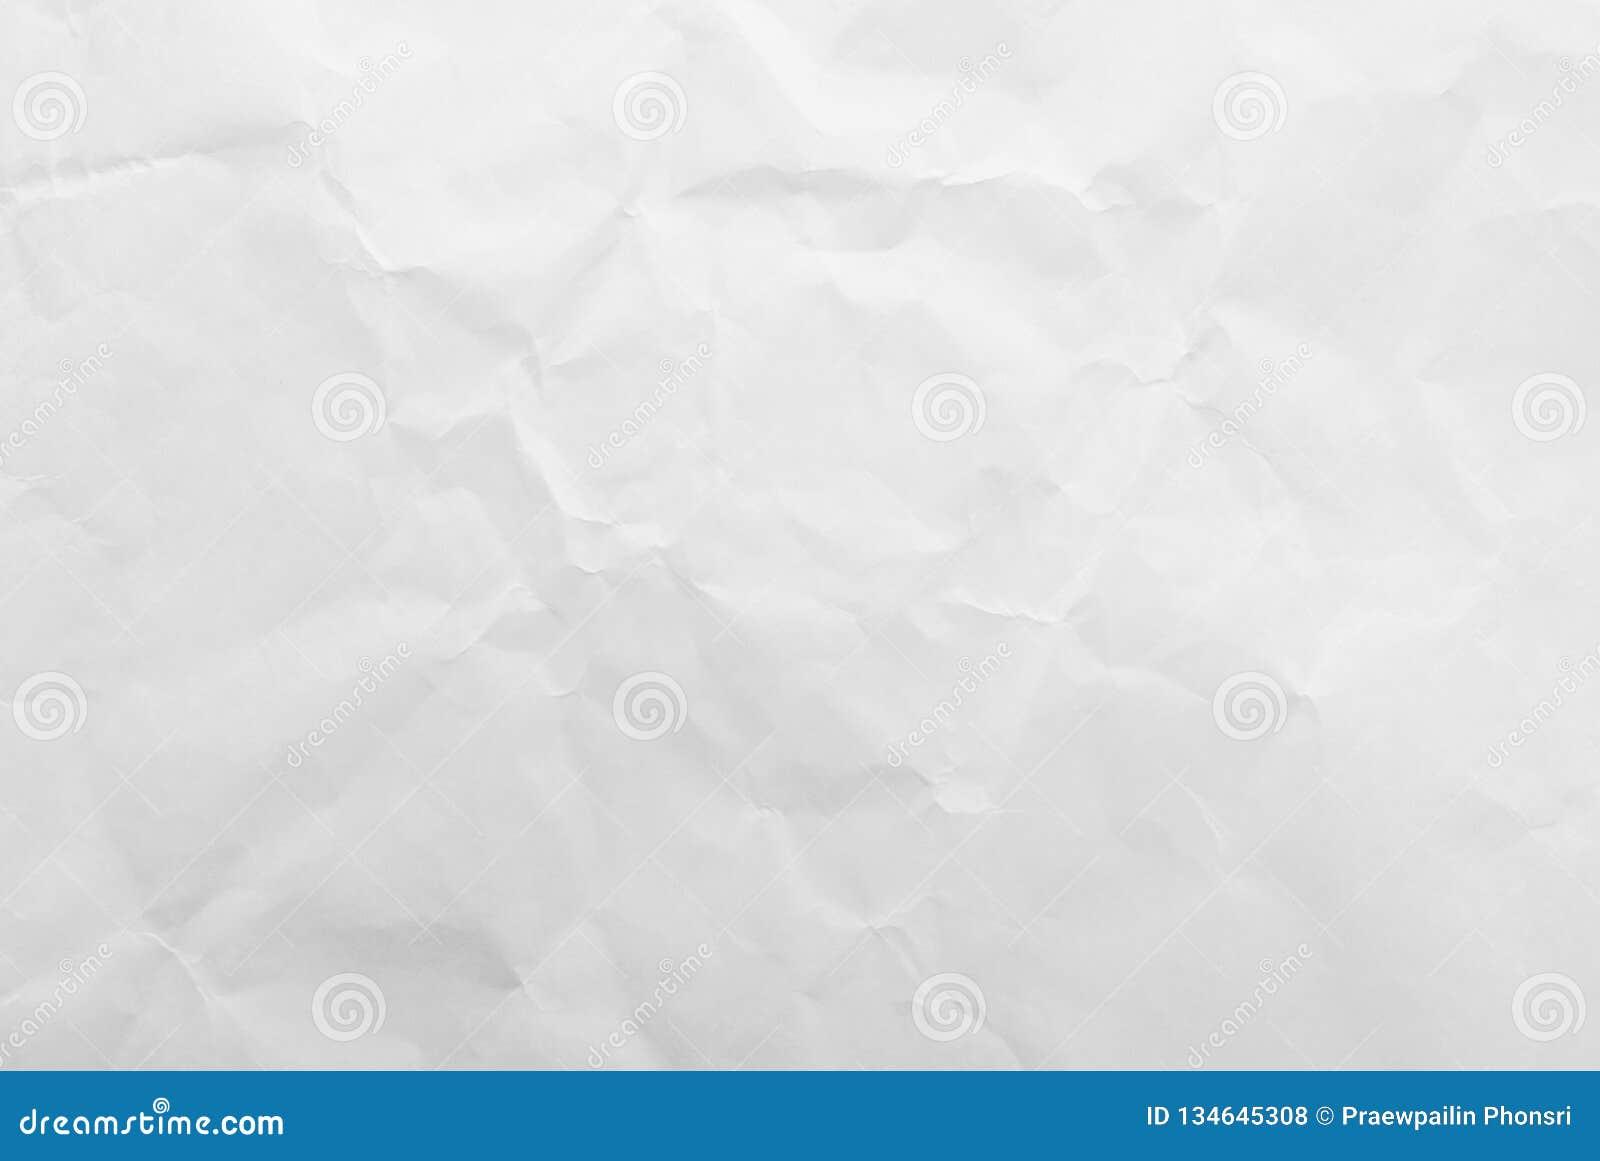 Vit skrynklig pappers- texturbakgrund Närbild